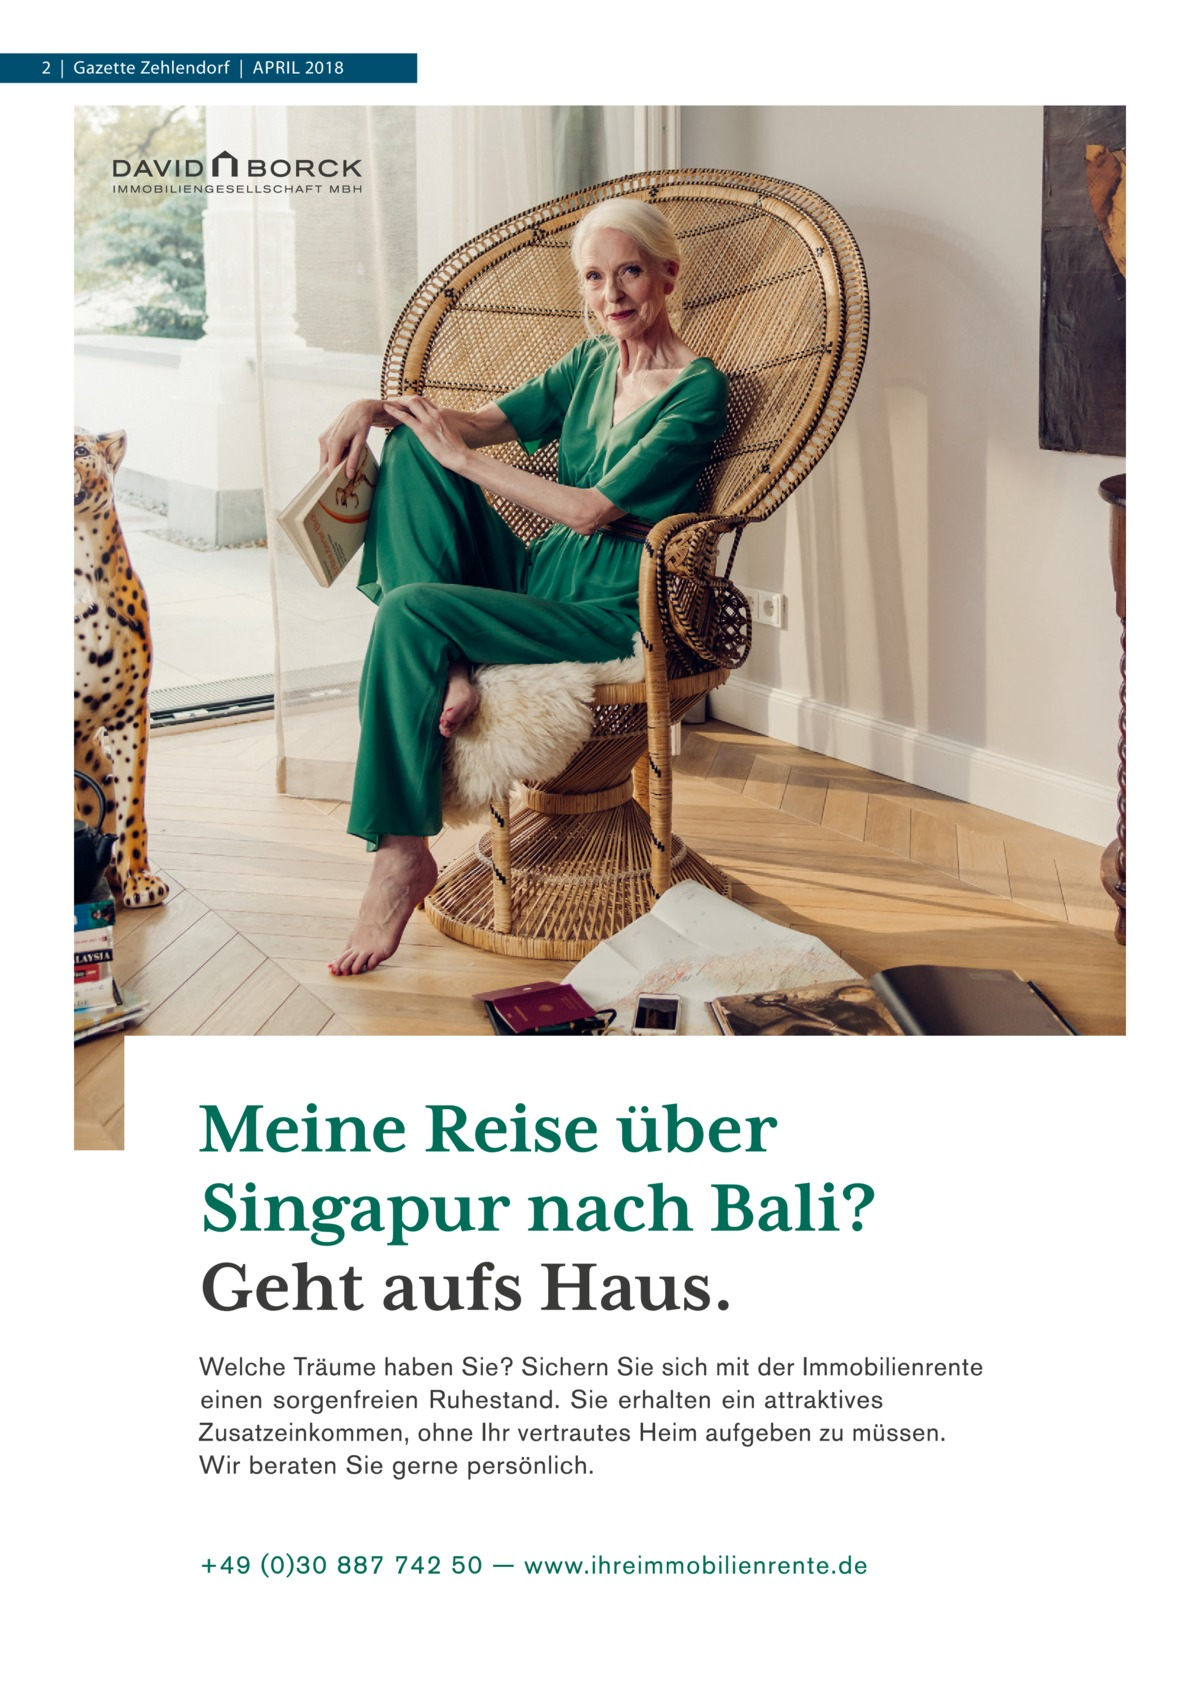 2 Gazette Zehlendorf April 2018